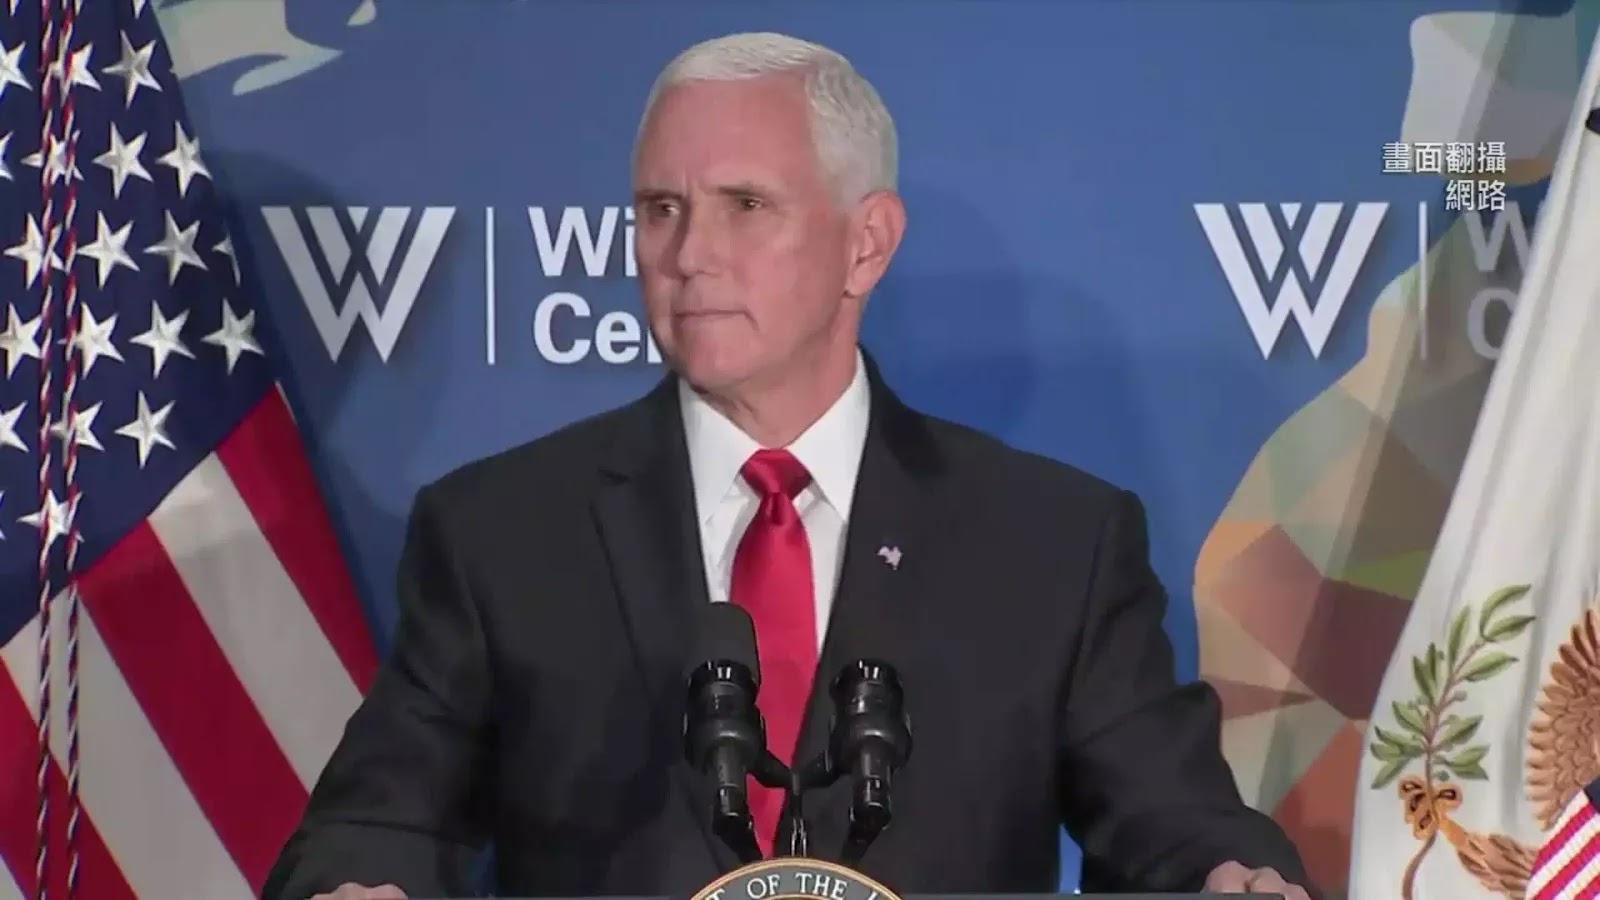 Tổng thống Mỹ Mike Pence phát biểu về quan hệ Mỹ-Trung tại Trung Tâm Woodrow Wilson hôm 24/10